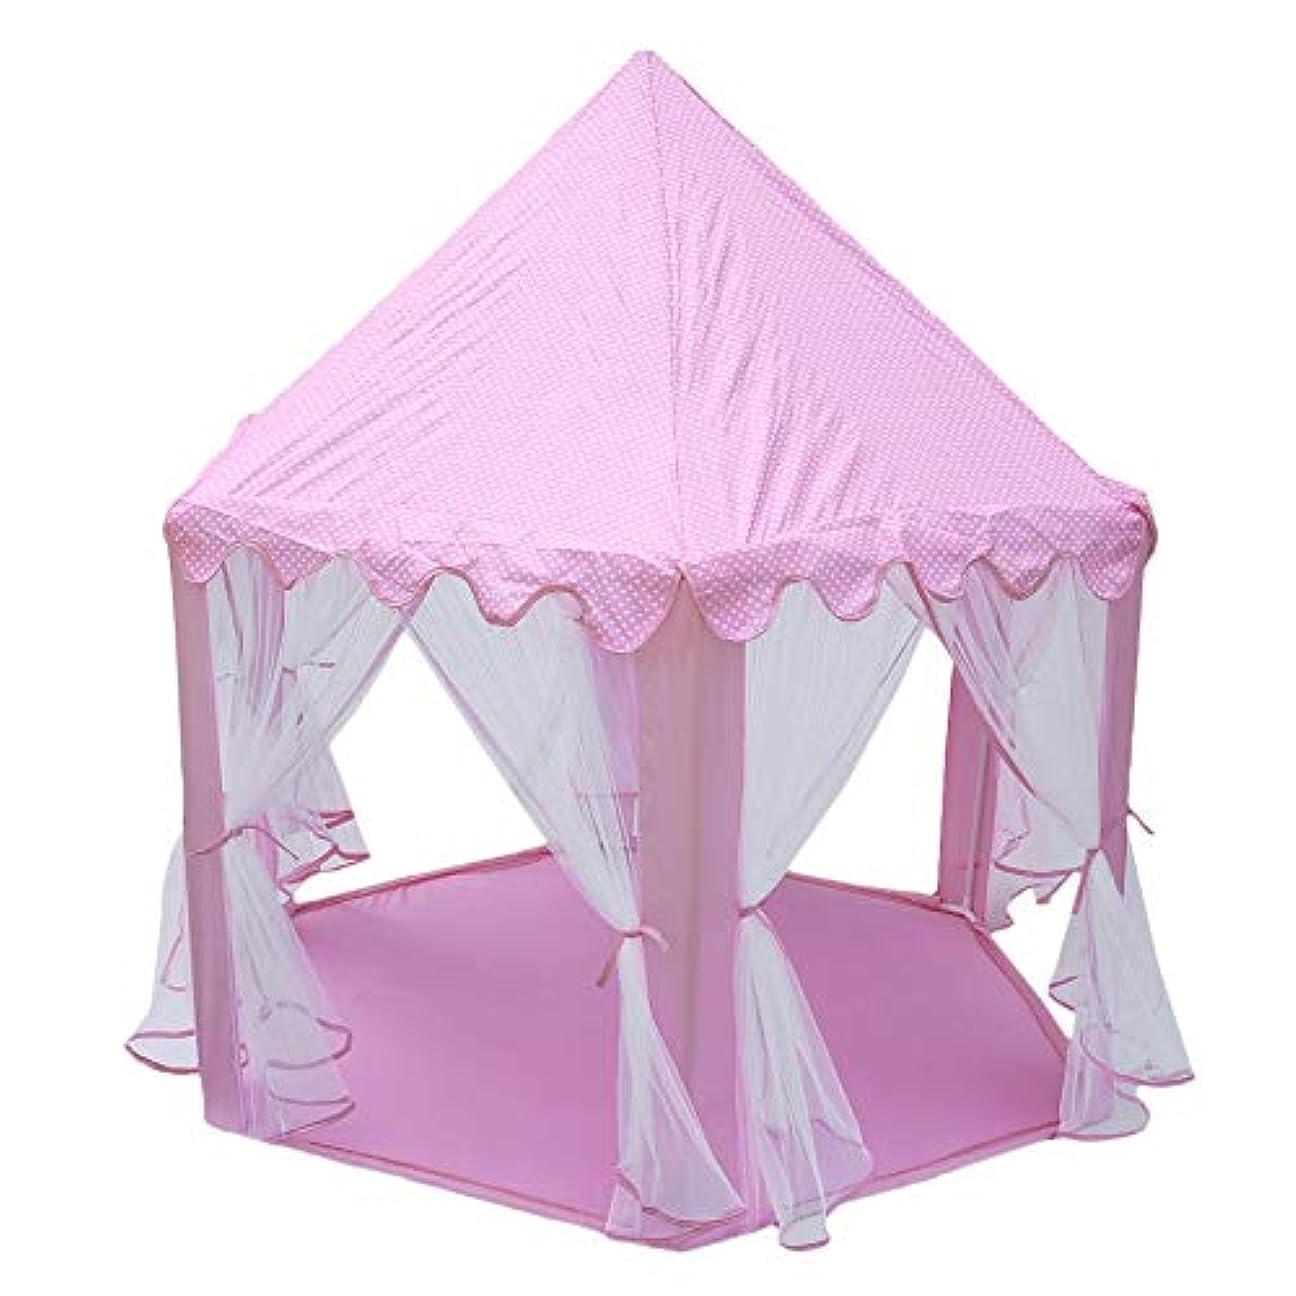 噴火チームさらに子供キッズプレイテント折りたたみ玩具テントポップアップキッズ女の子王女城屋内ハウスキッズテントプレイハウス - ピンク